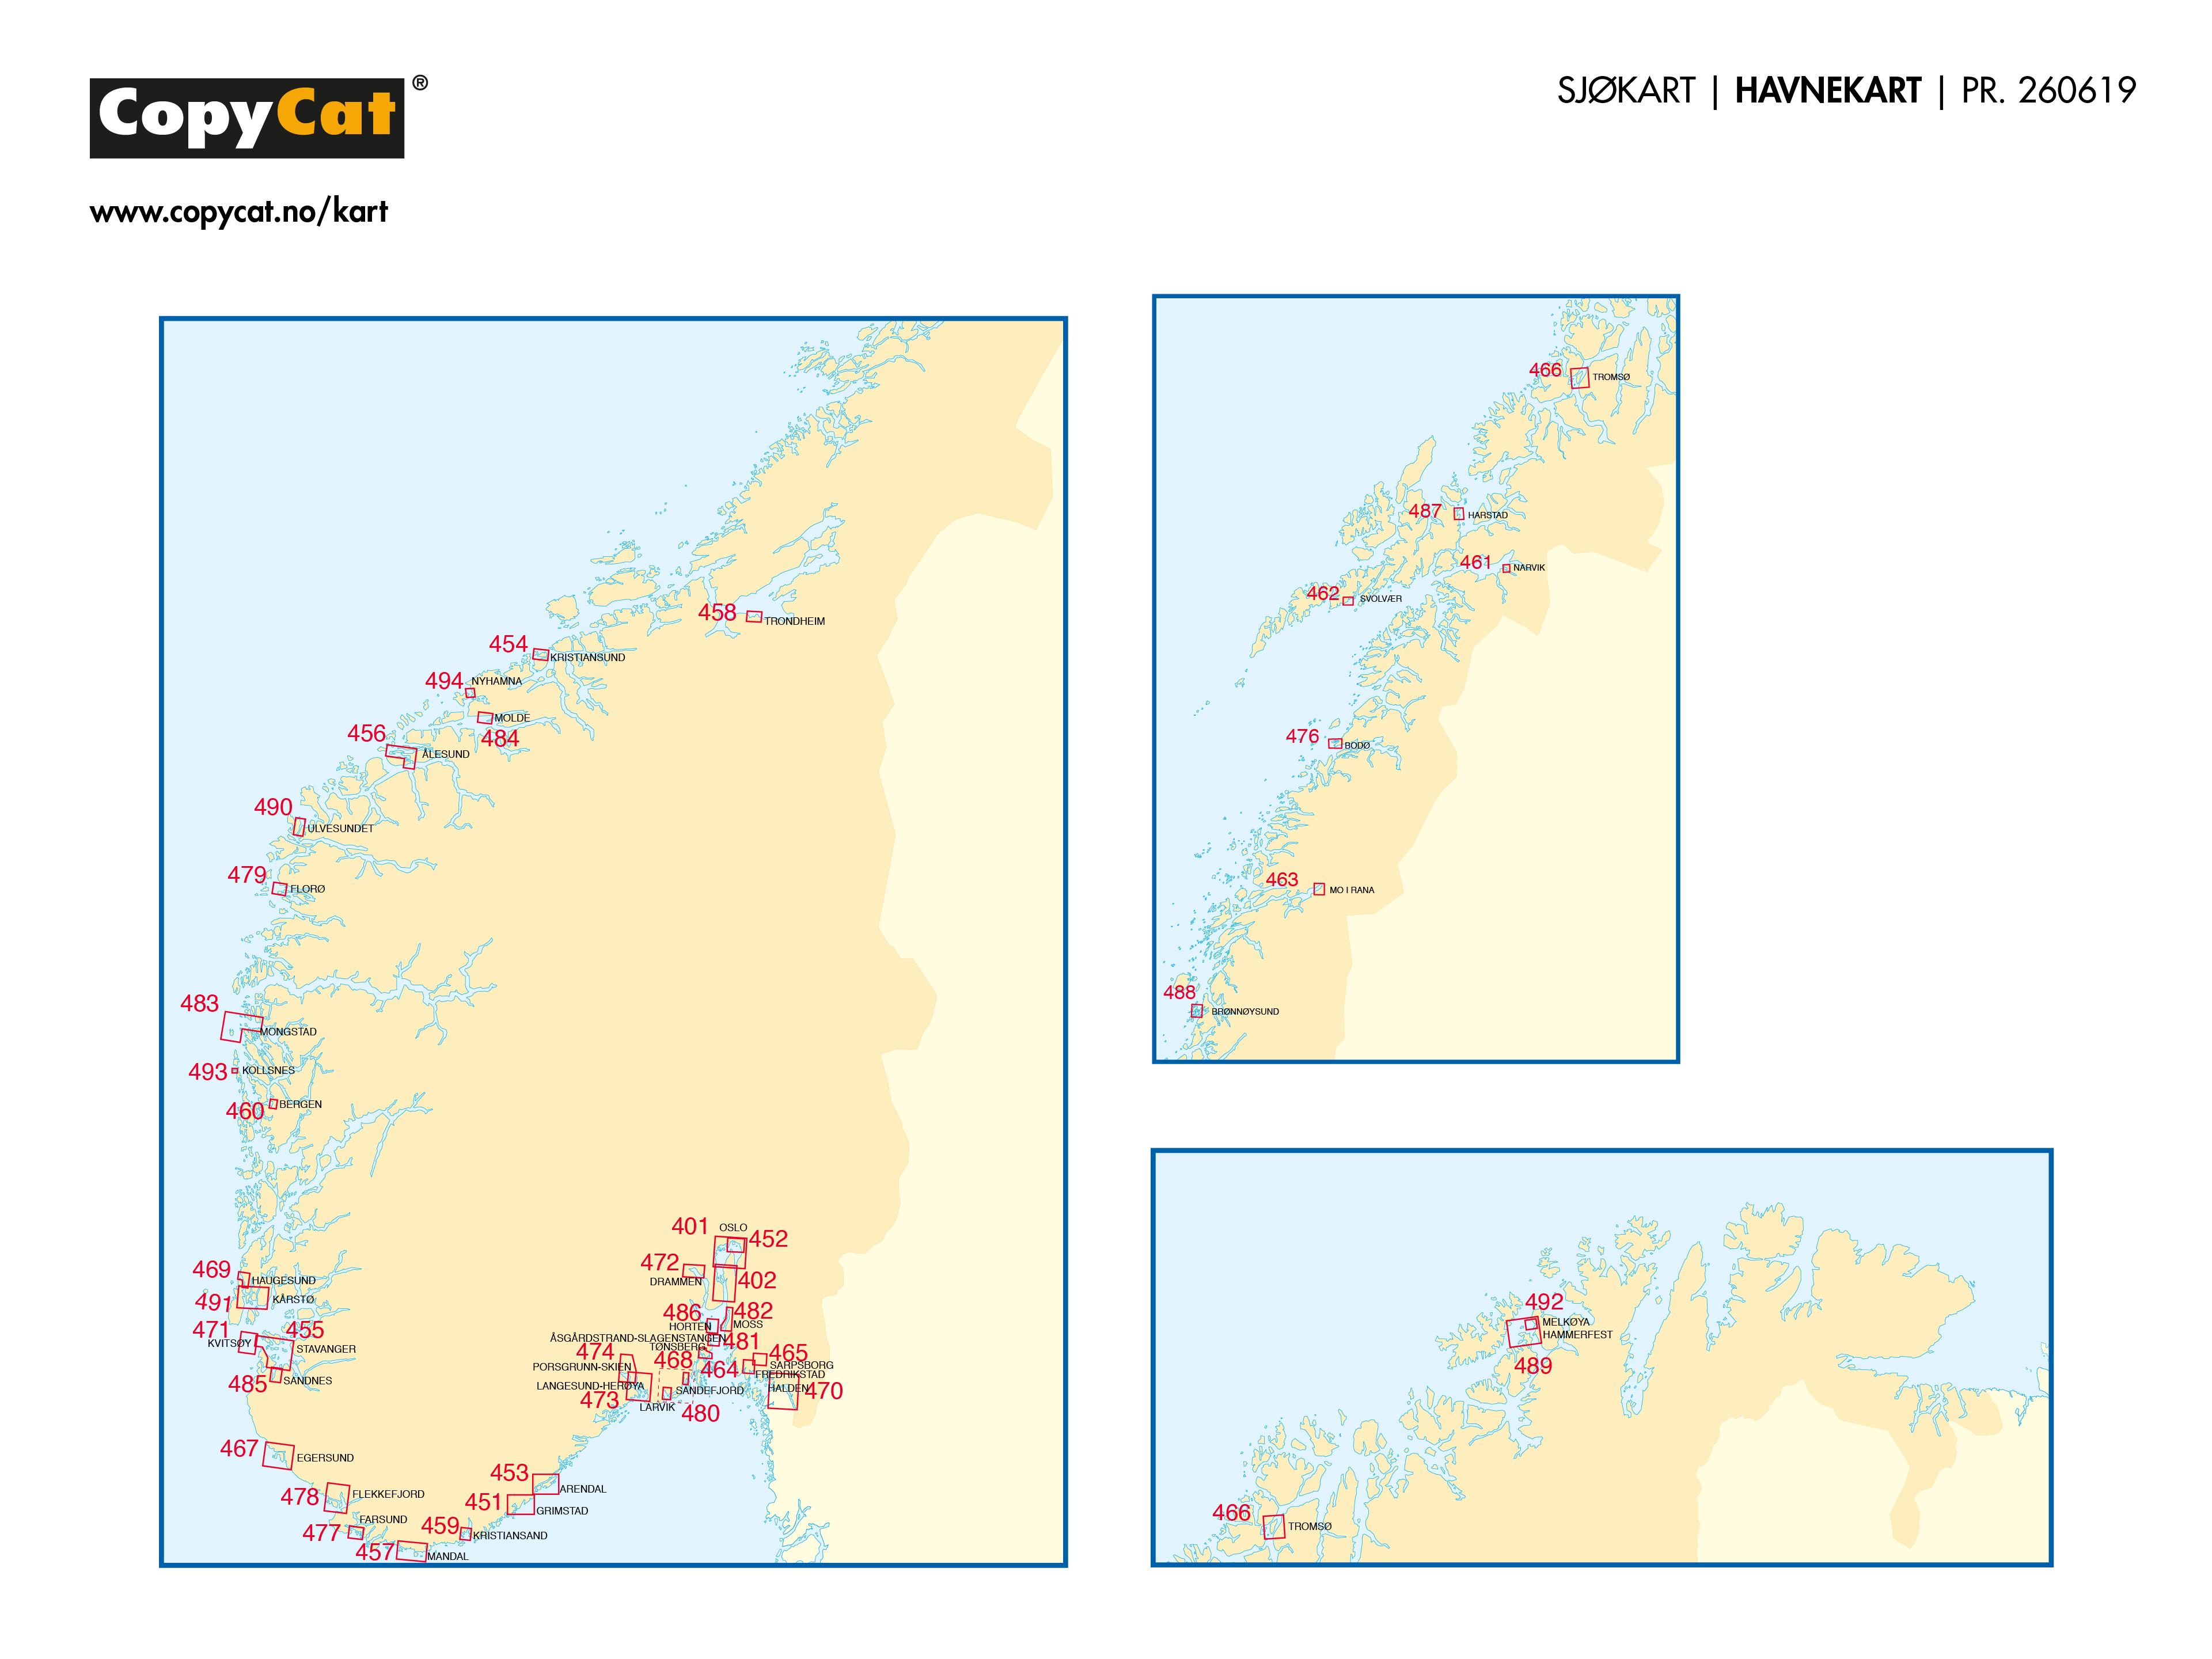 CopyCat Sjøkart Havnekart